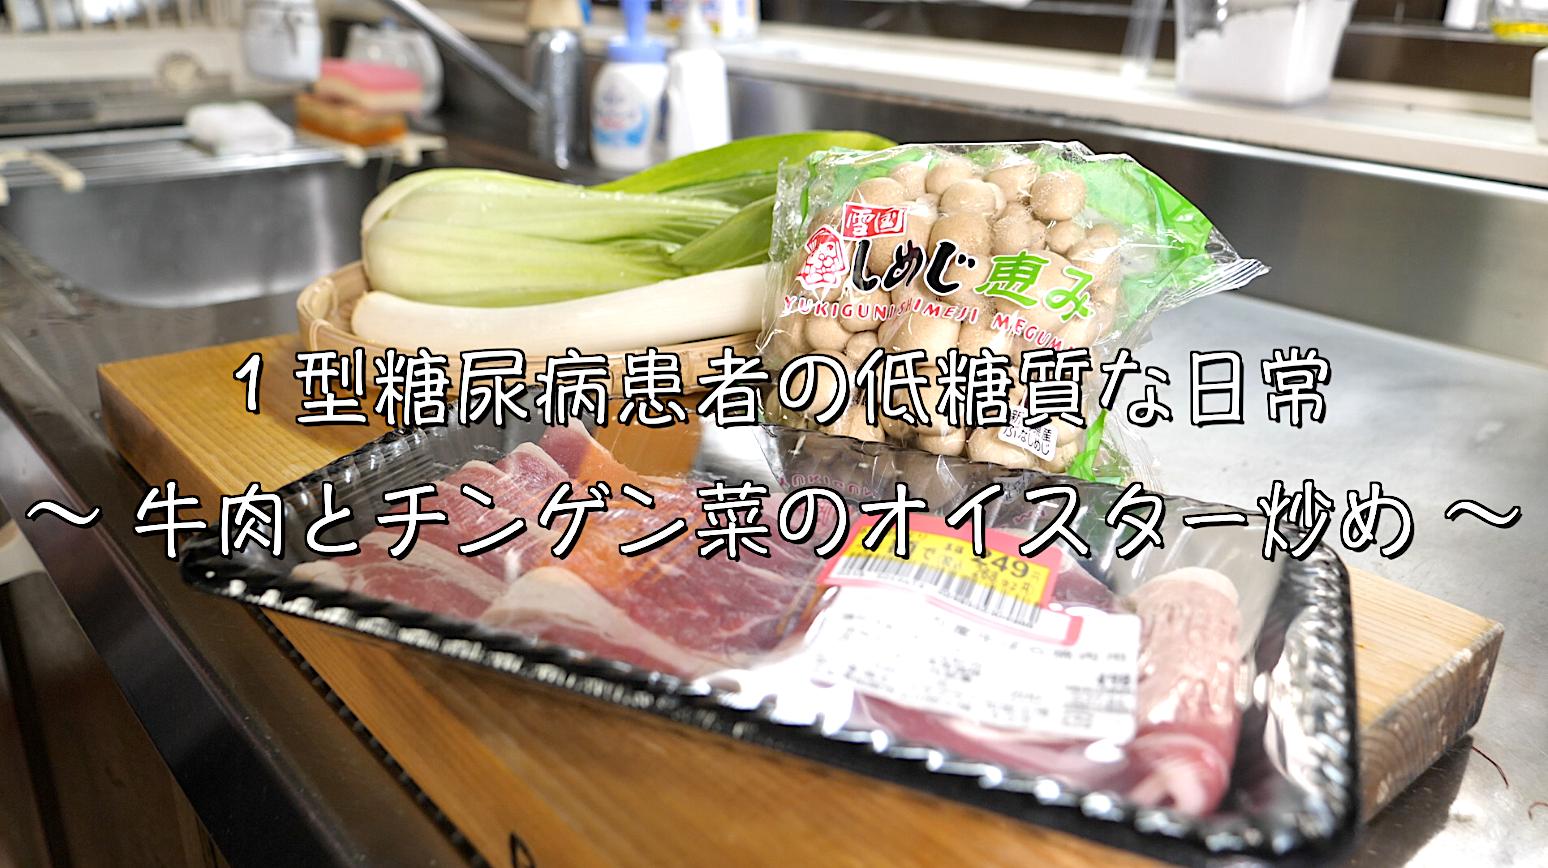 牛肉 オイスター炒め レシピ 糖質制限